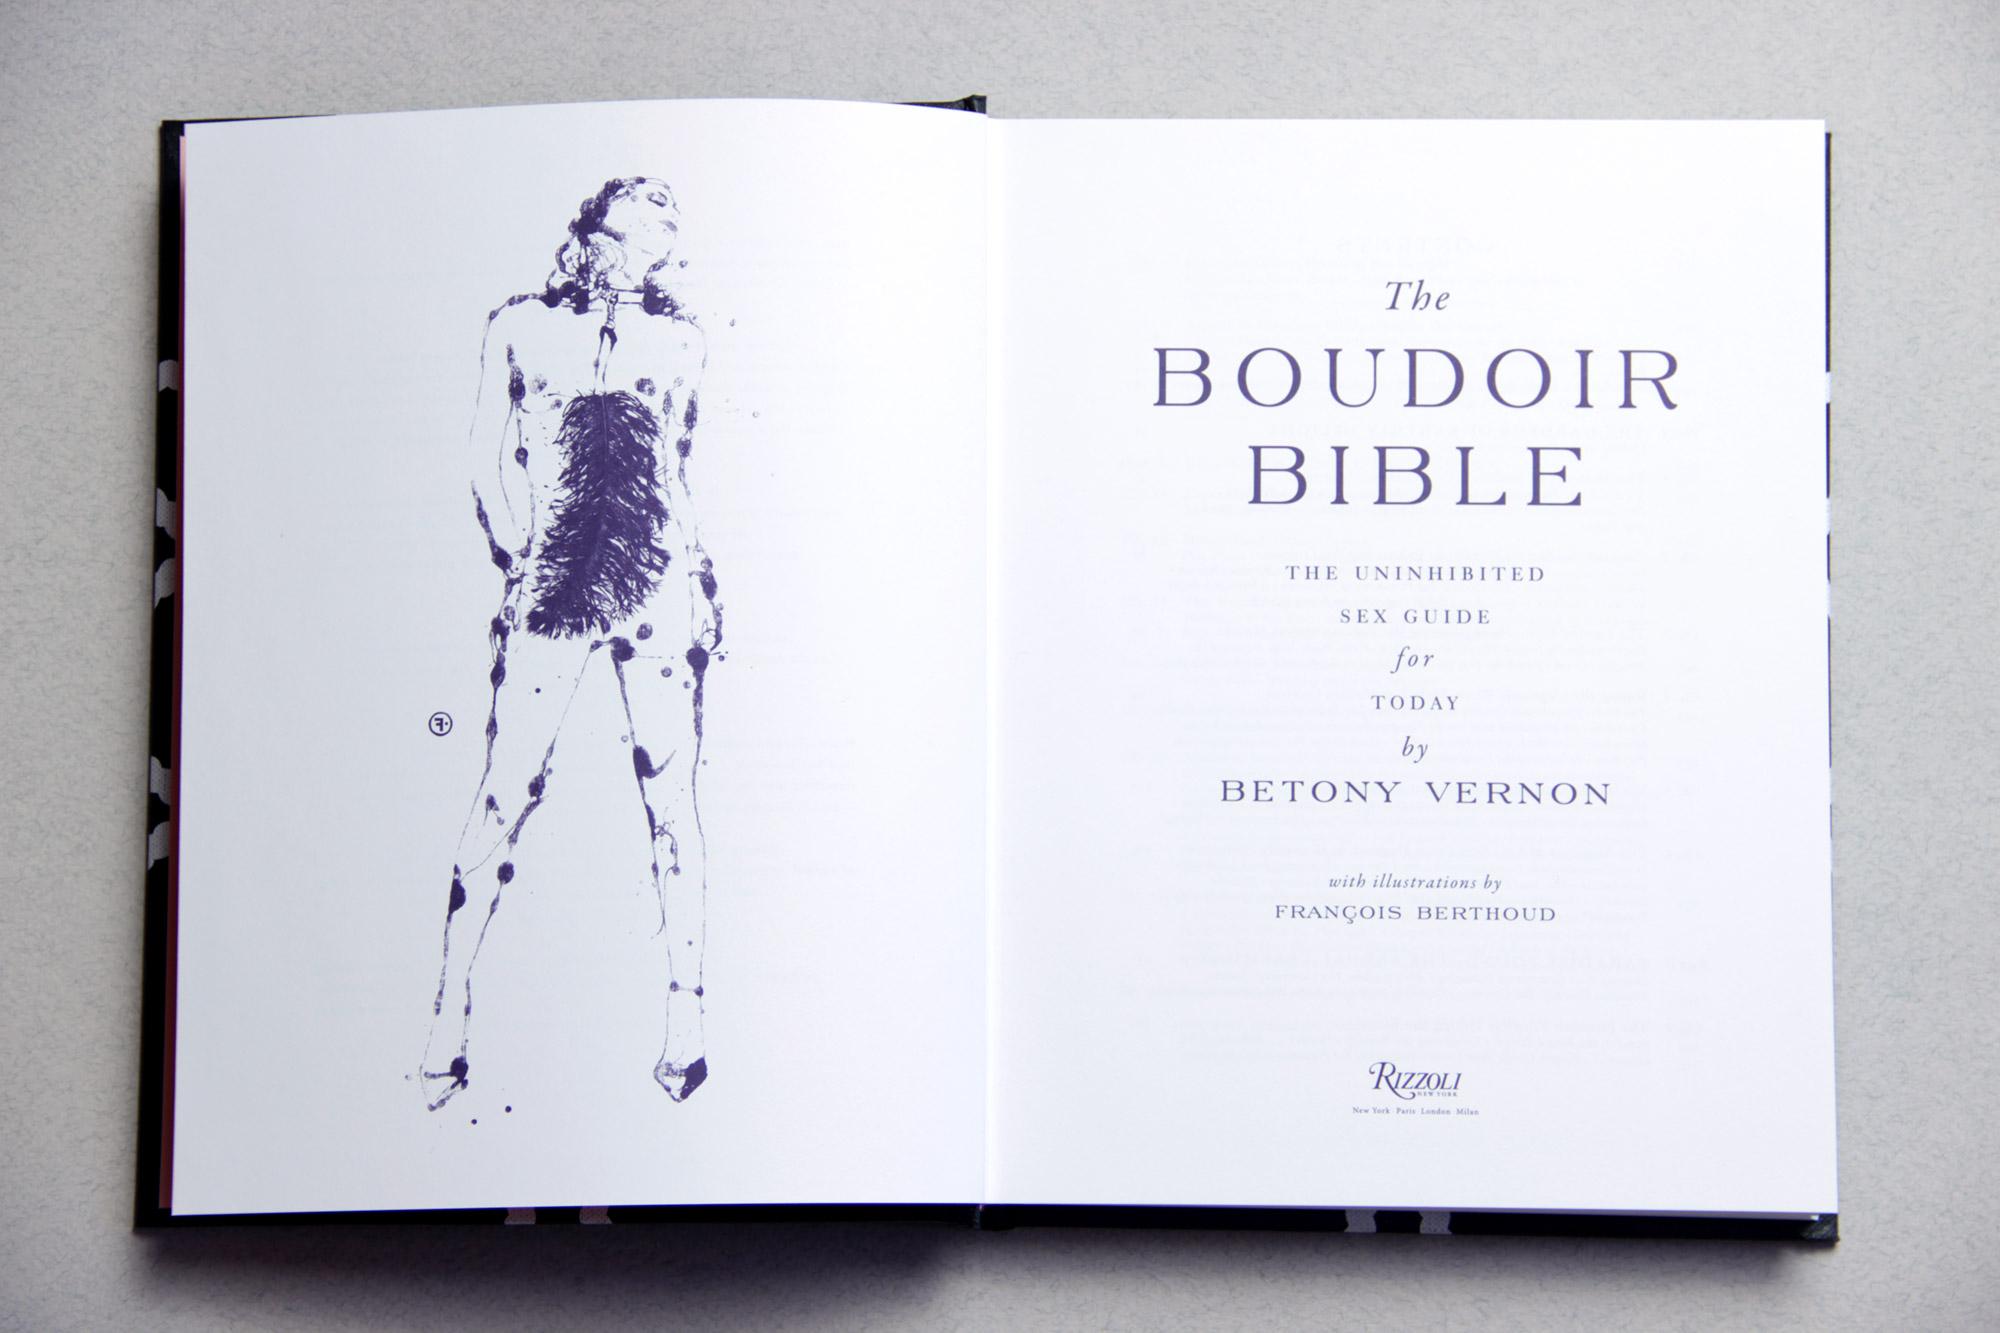 Рецензия на книгу «Библия для будуара. Руководство для секса без границ» Бетани Вернон (на русском языке) в журнале GB {Garterblog.ru}